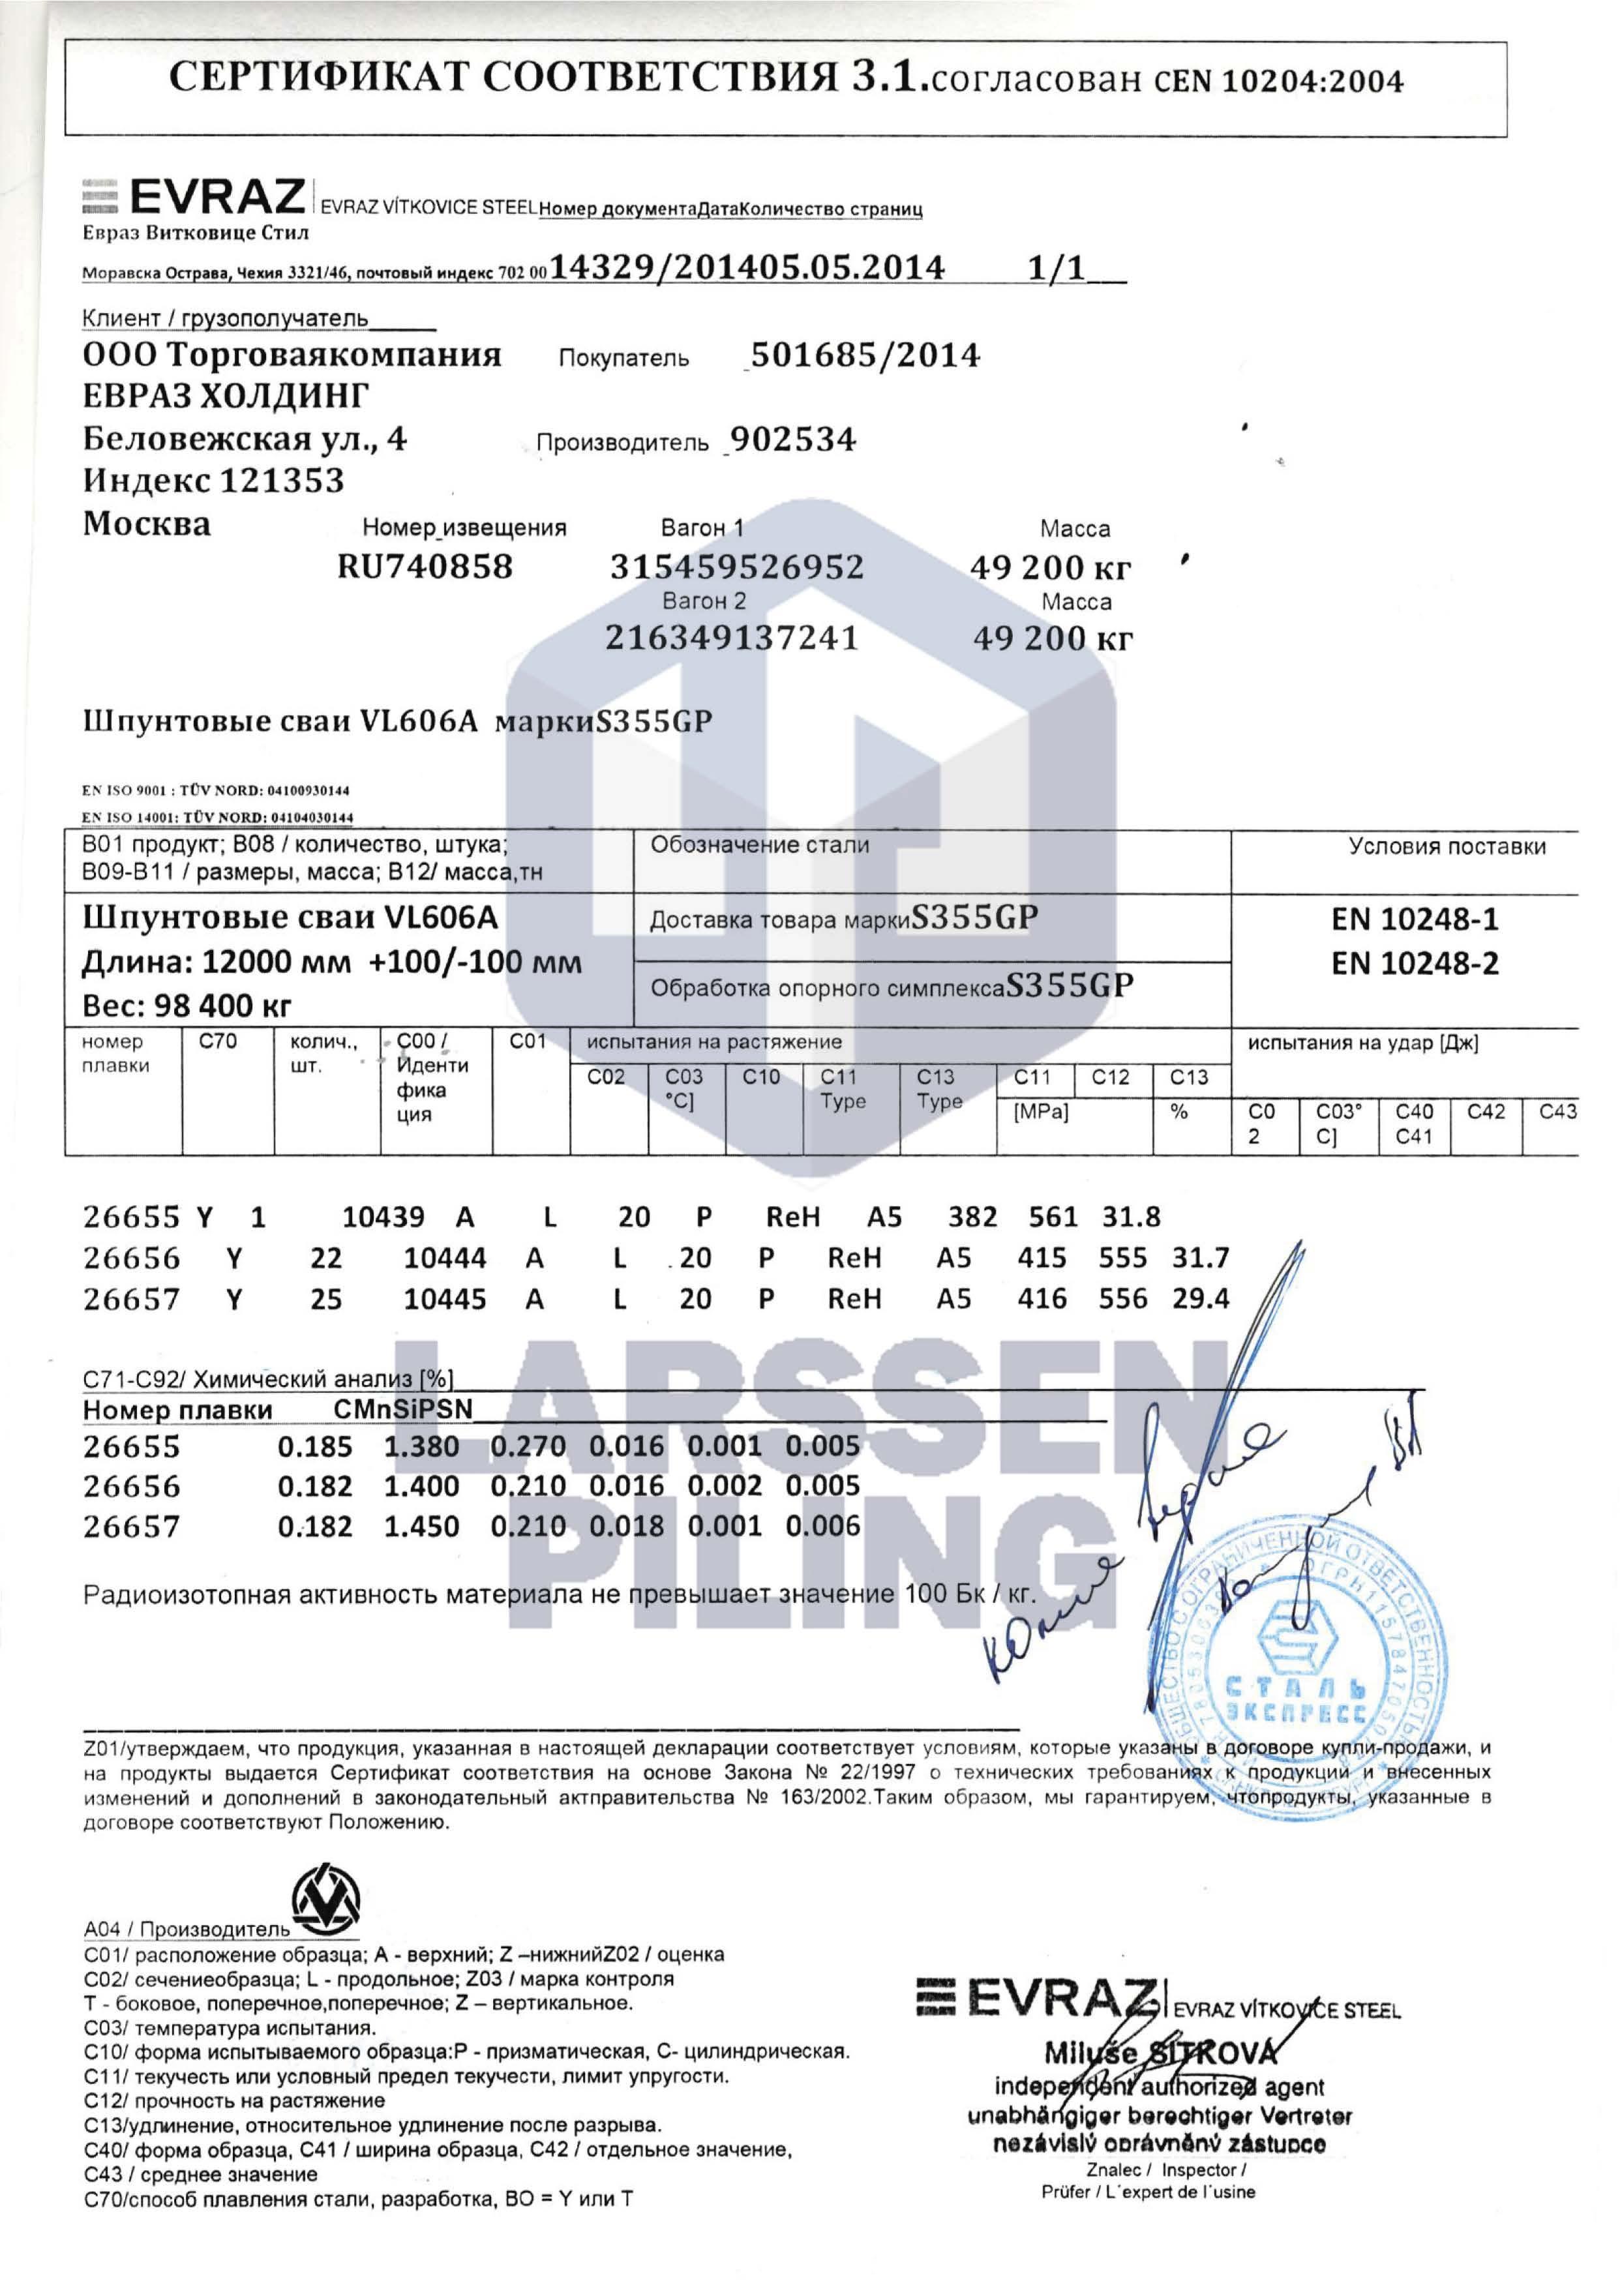 Сертификаты на шпунт Ларсена - ЛАРСЕН ПАЙЛИНГ